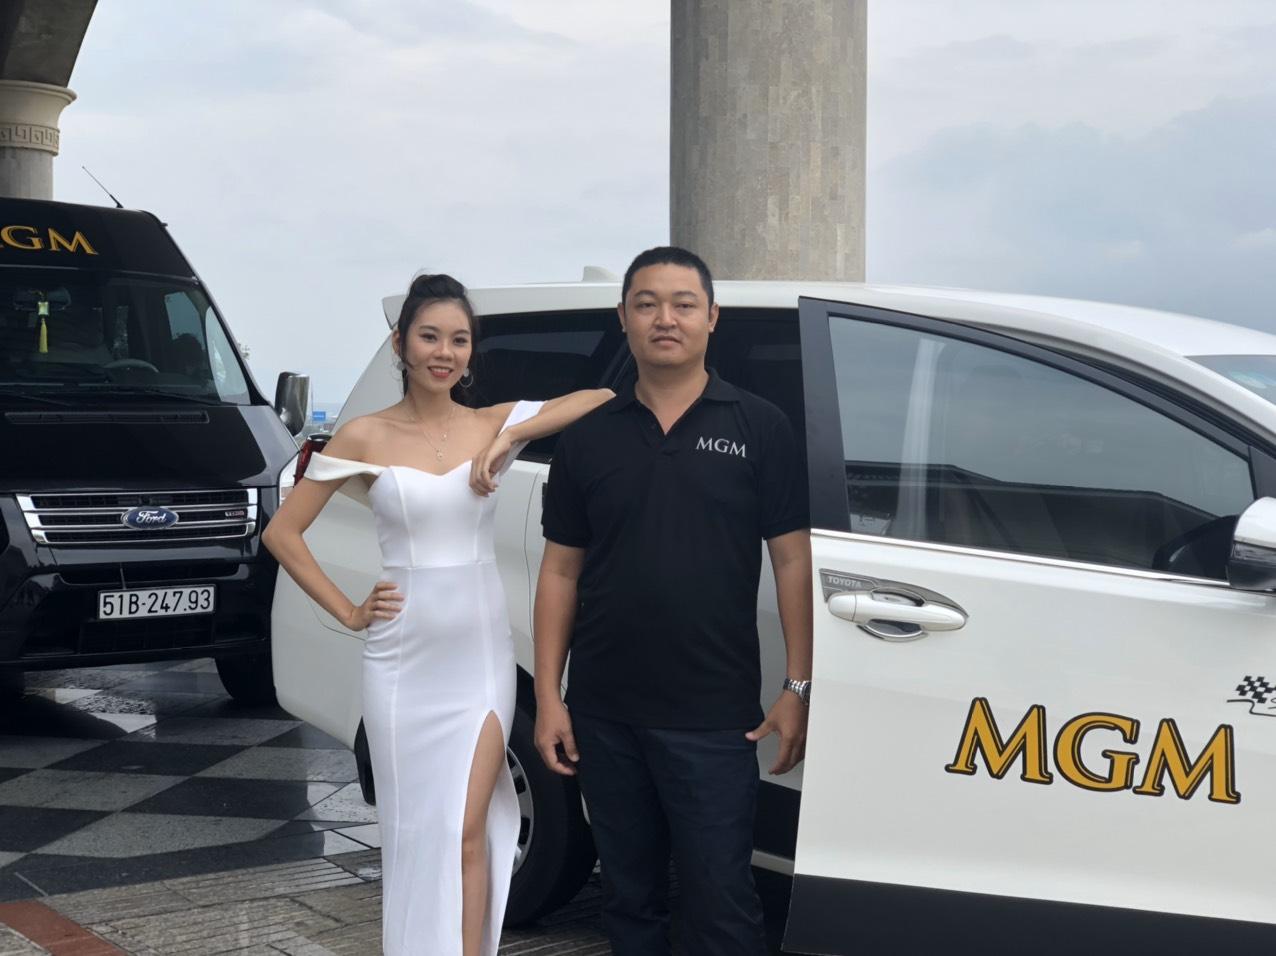 Đoàn xe của MGM car chở khách tham gia sự kiện